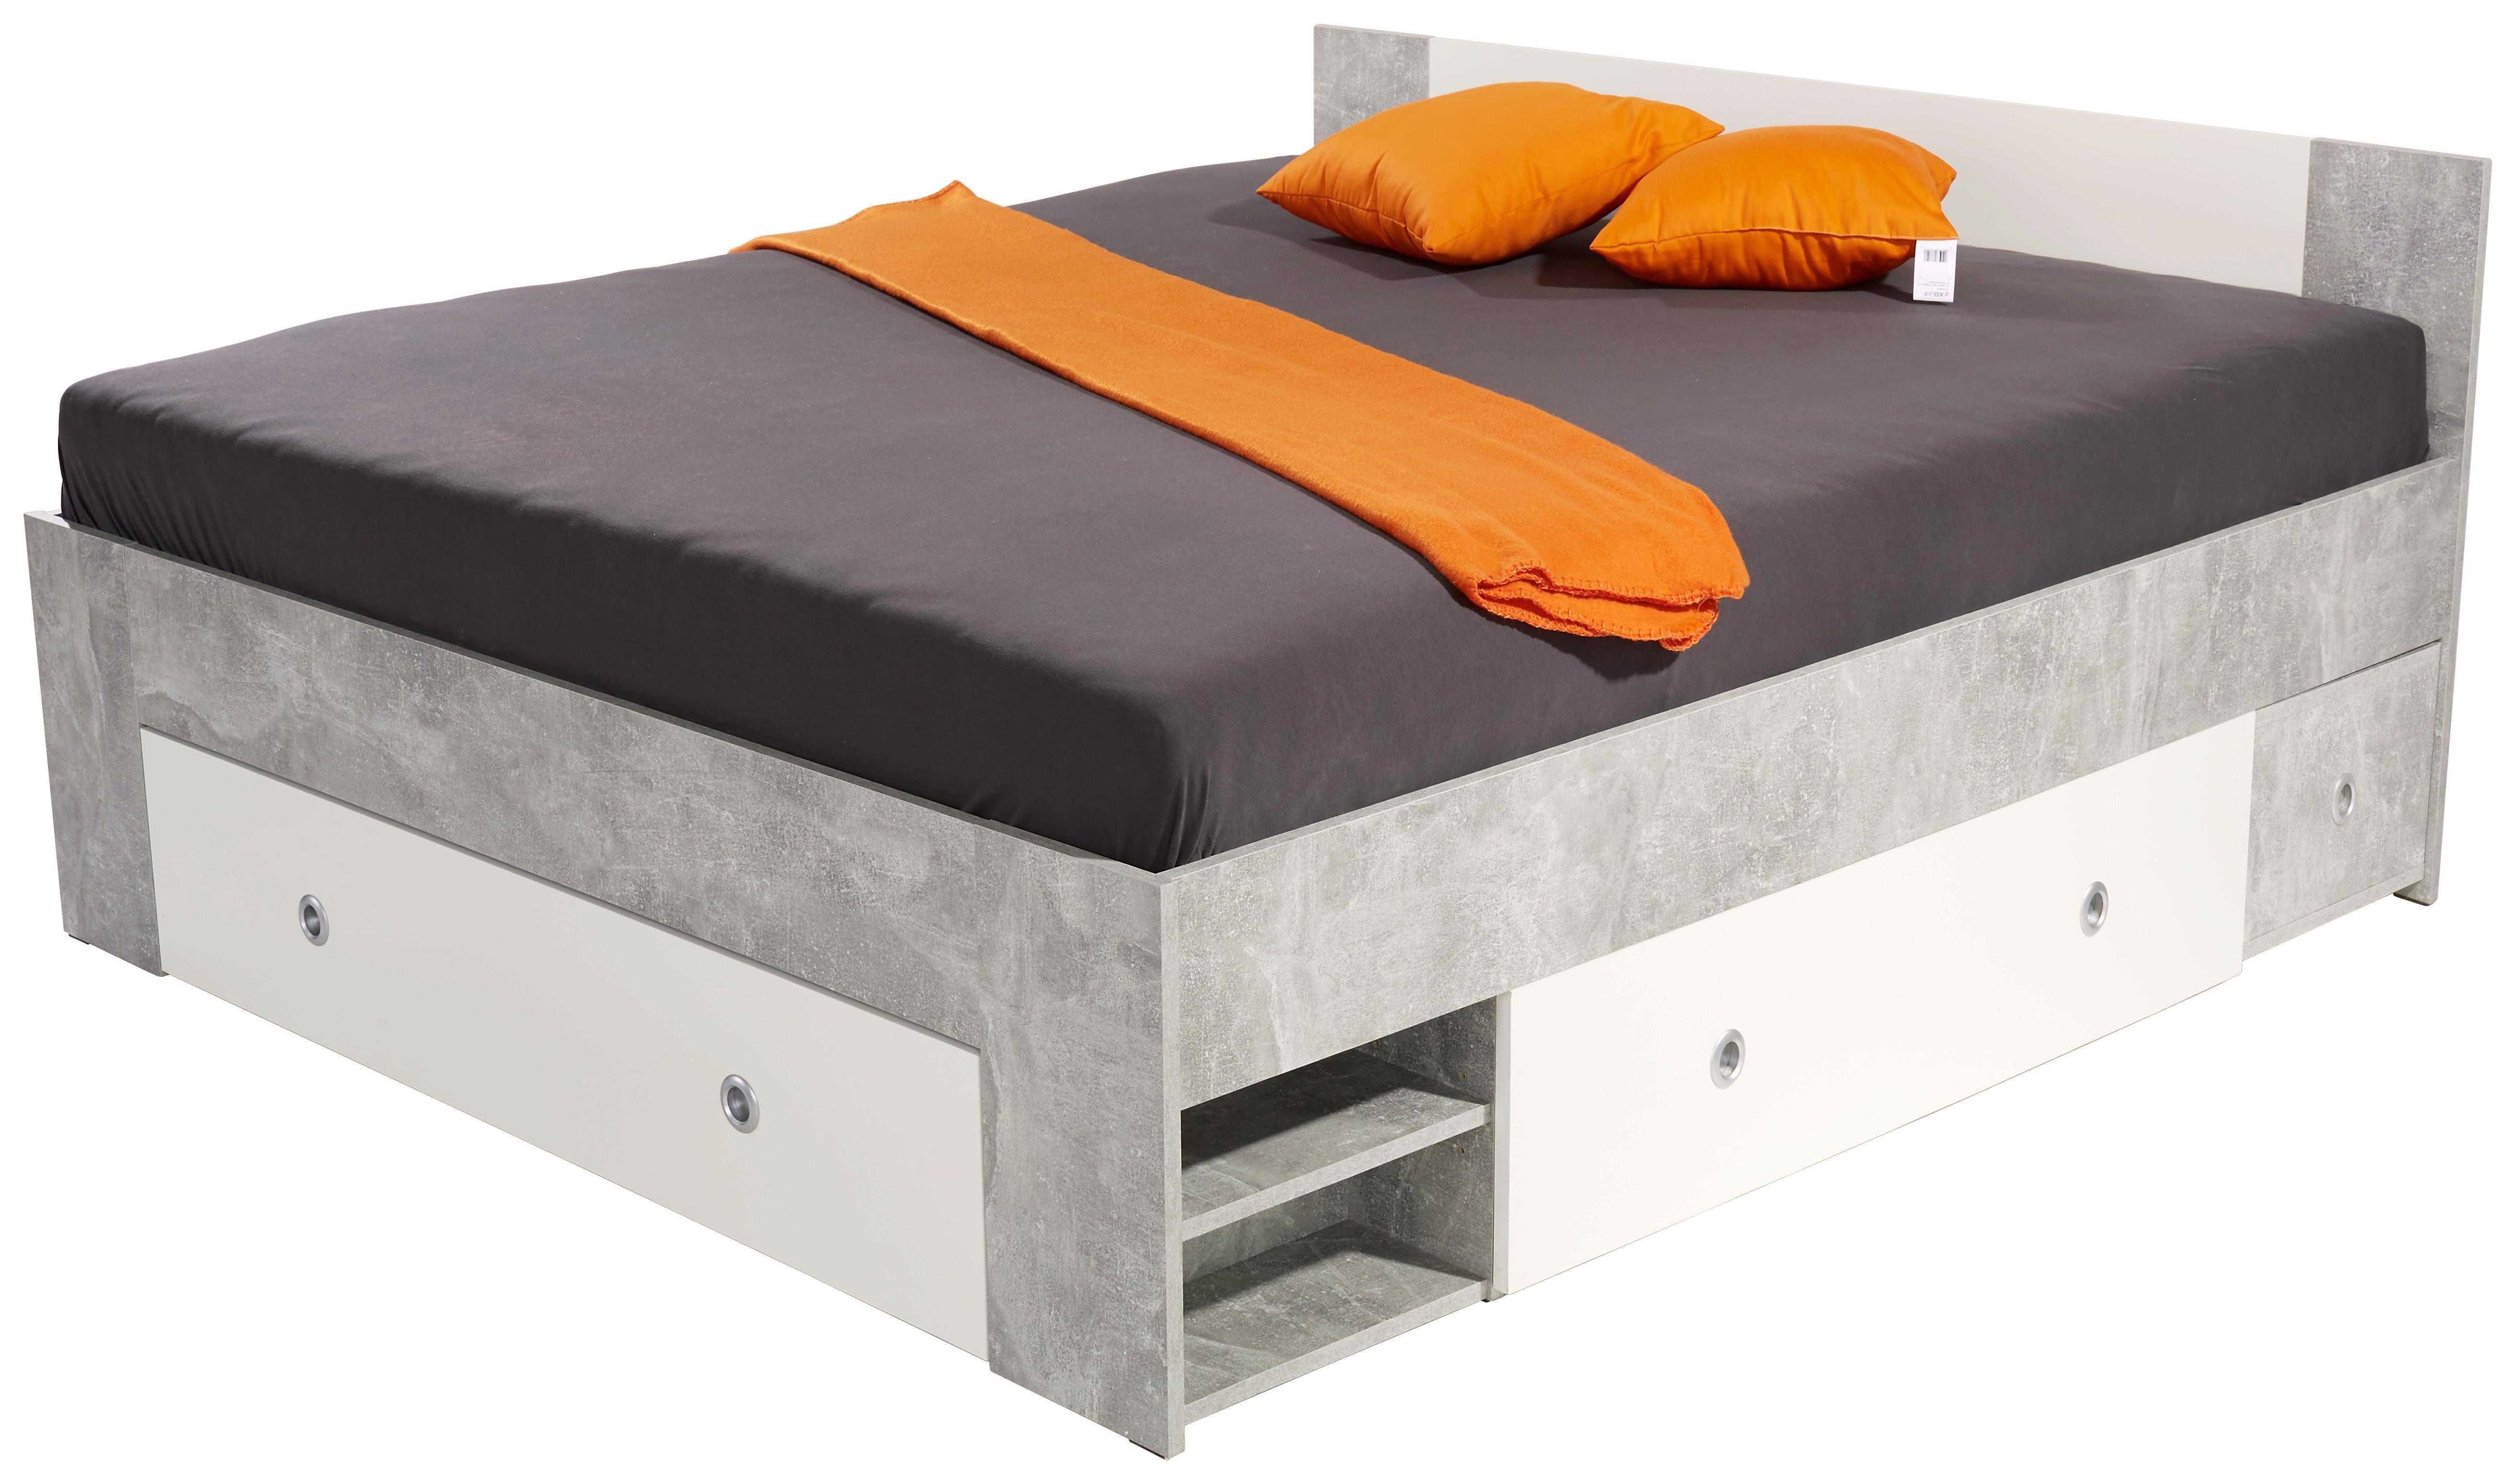 Stauraumbett azurro : Bett azurro cm beton online kaufen ➤ möbelix